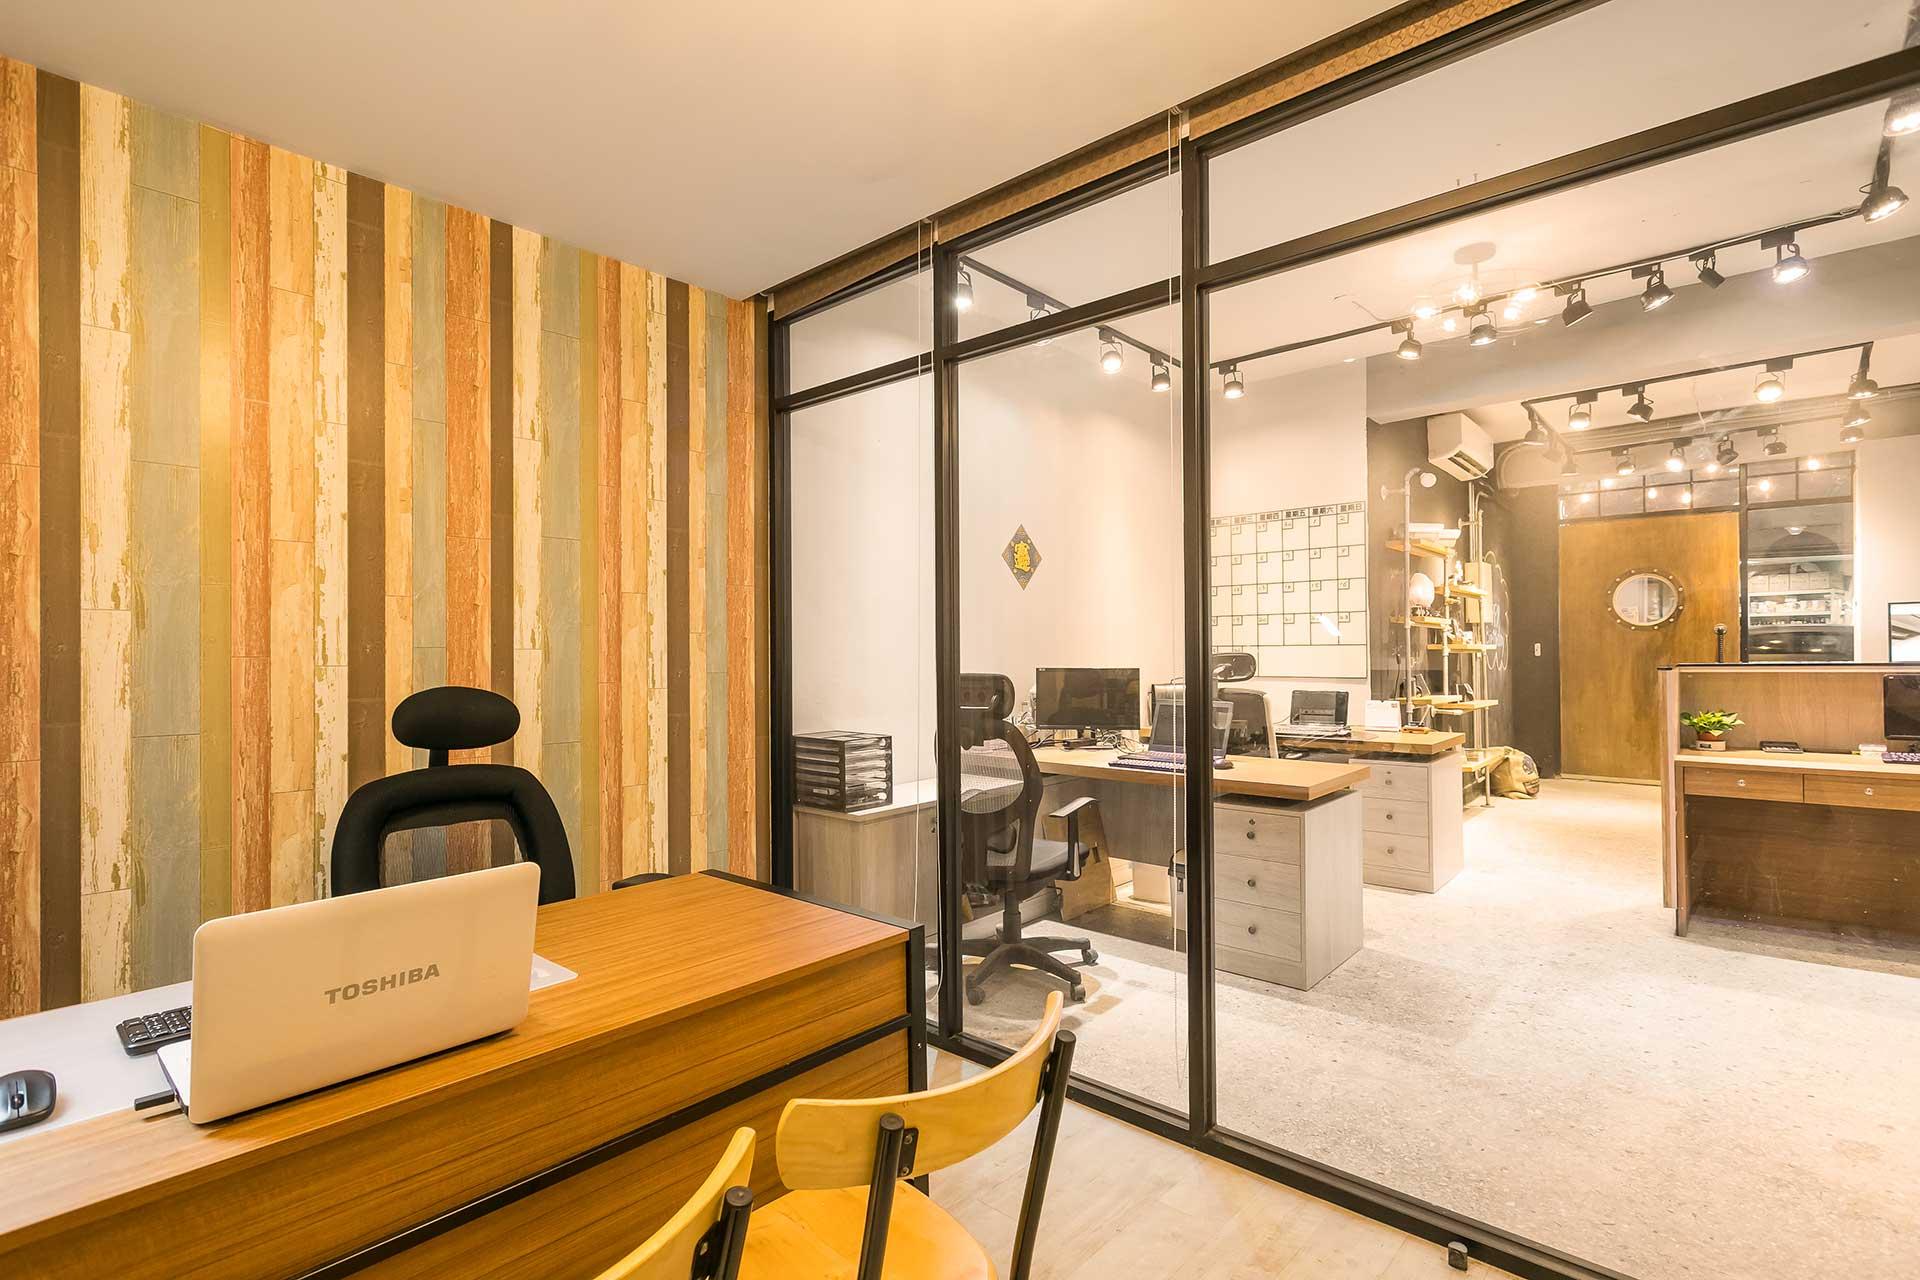 捲軸式窗簾全部收闔,視野寬敞明亮,座位後方以日本拼接木紋壁紙增添空間變化